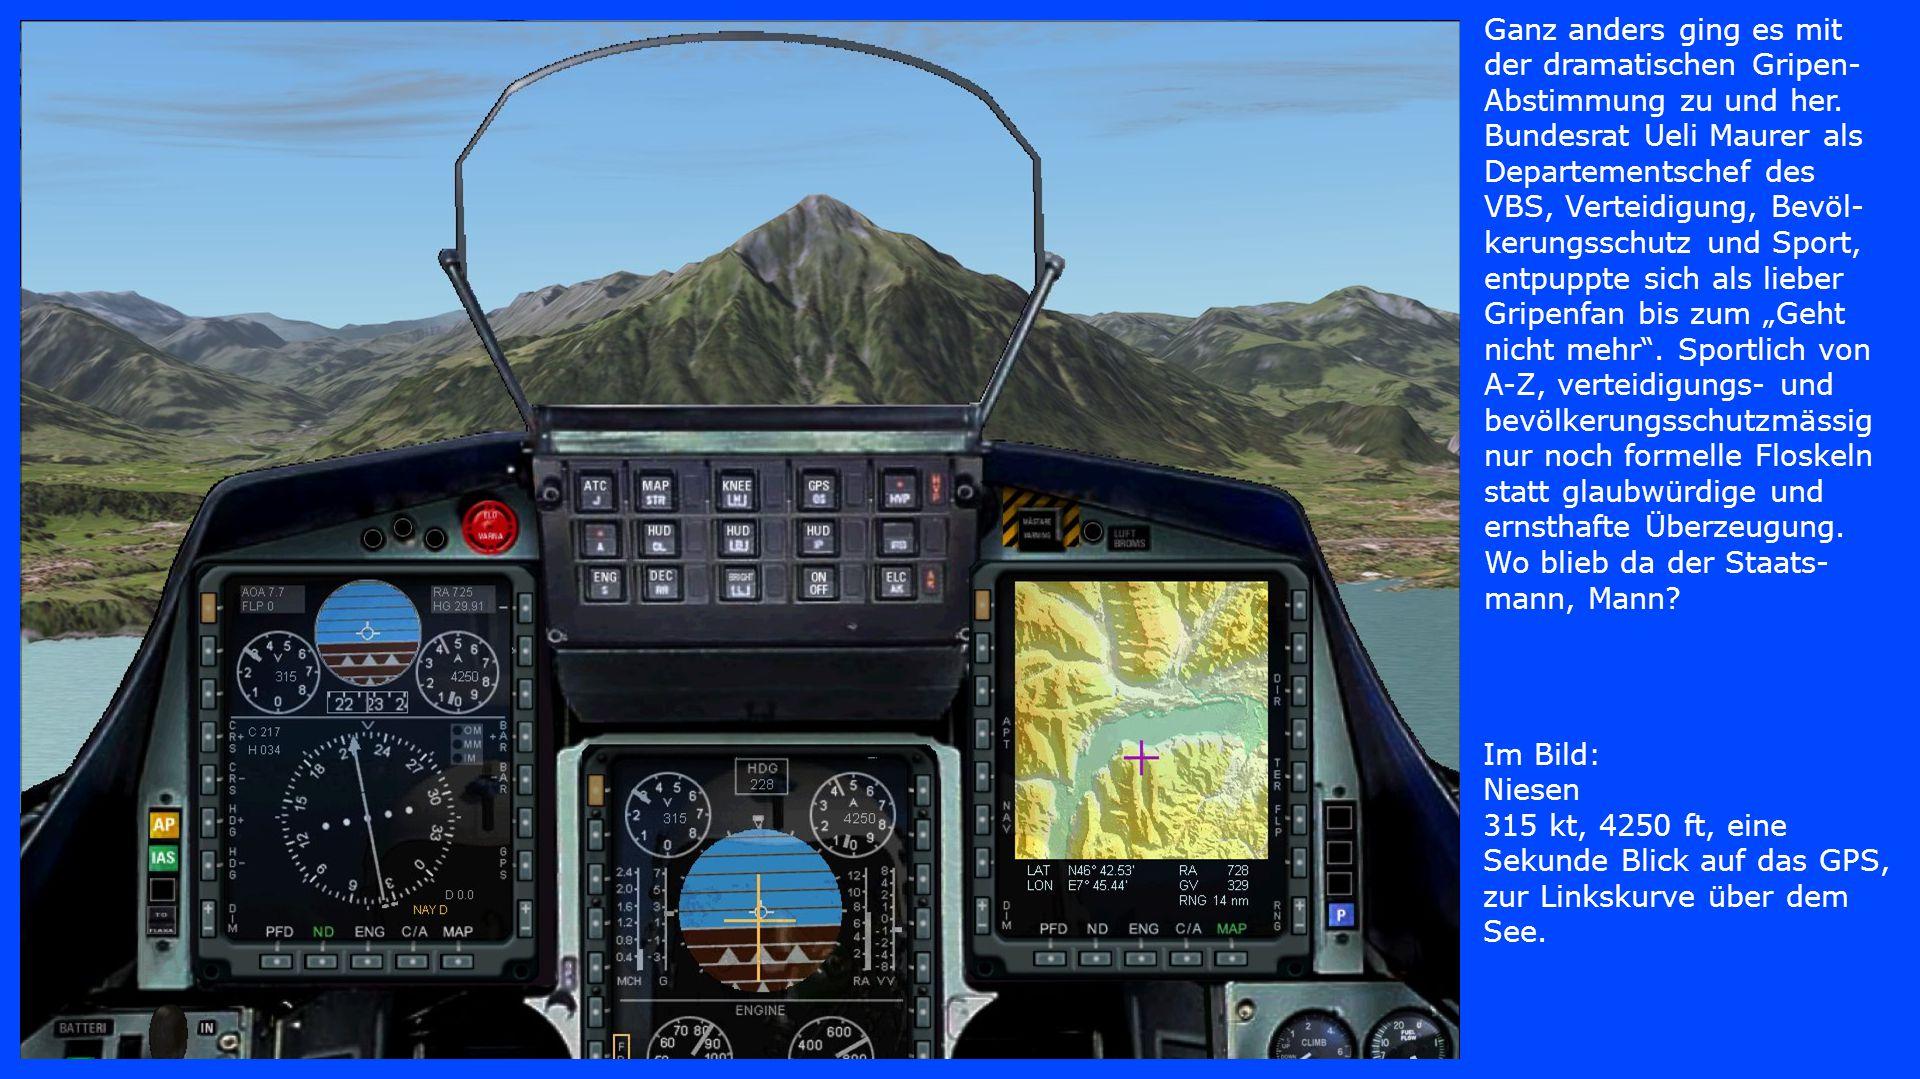 Im Bild: Niesen 315 kt, 4250 ft, eine Sekunde Blick auf das GPS, zur Linkskurve über dem See. Ganz anders ging es mit der dramatischen Gripen- Abstimm